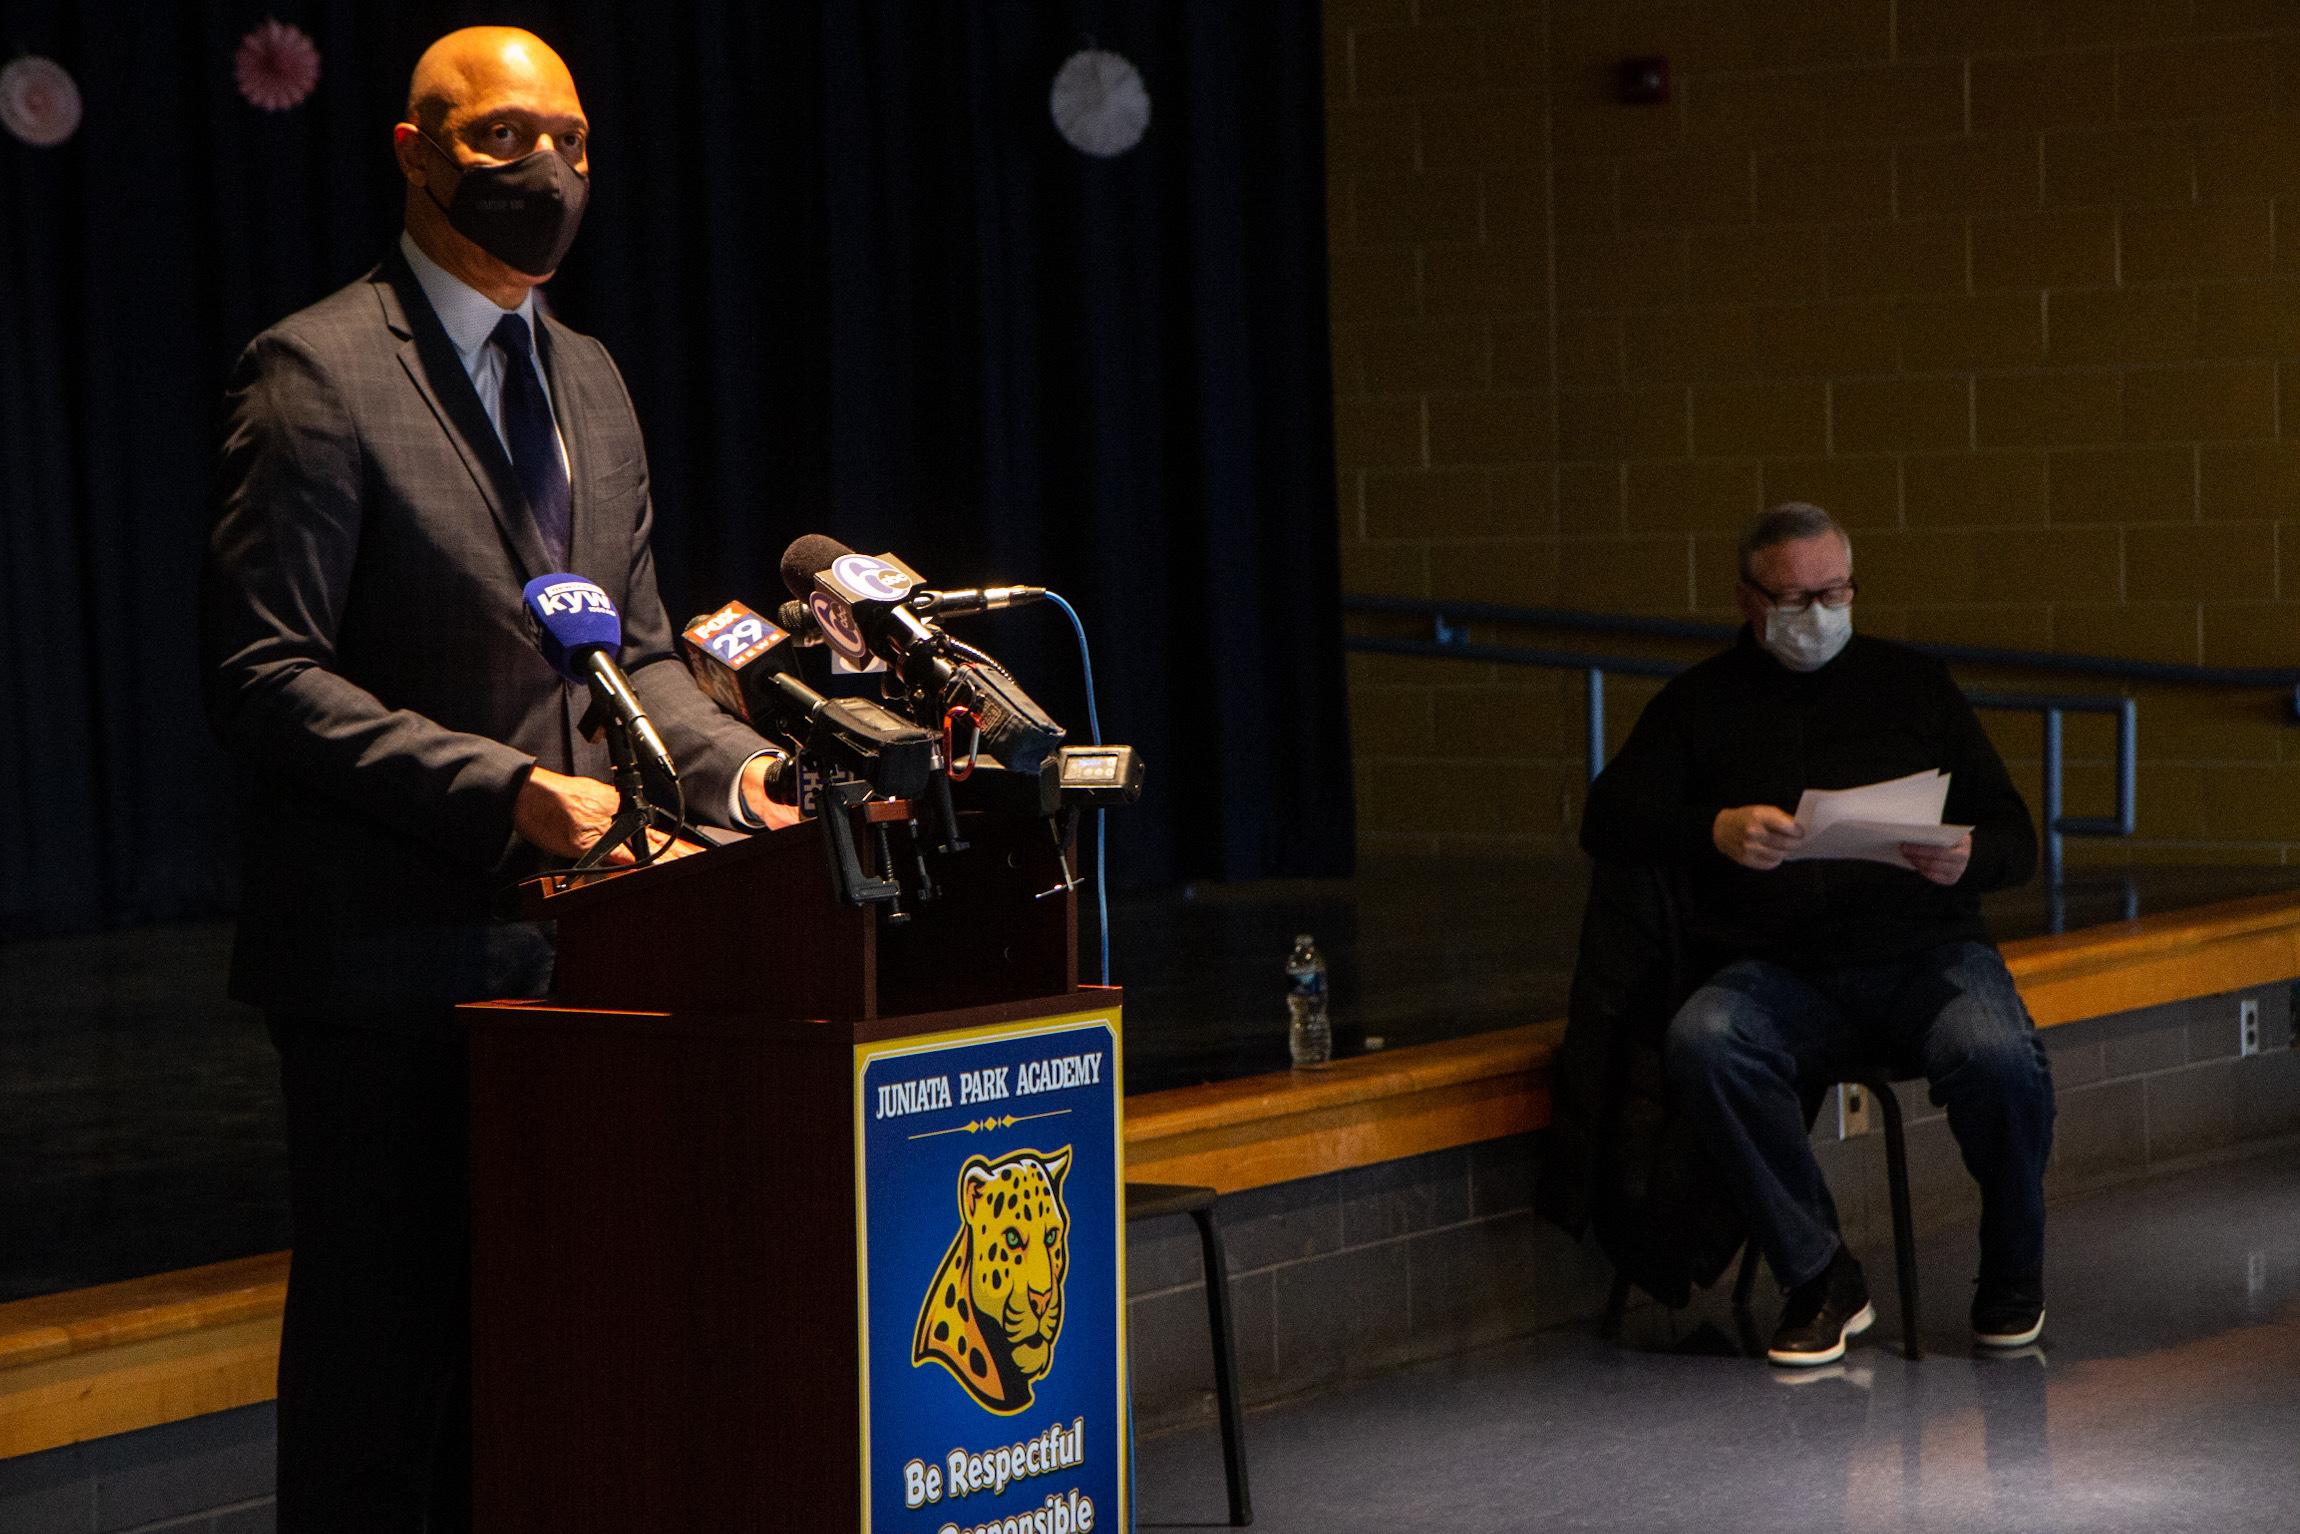 William Hite speaks from a podium